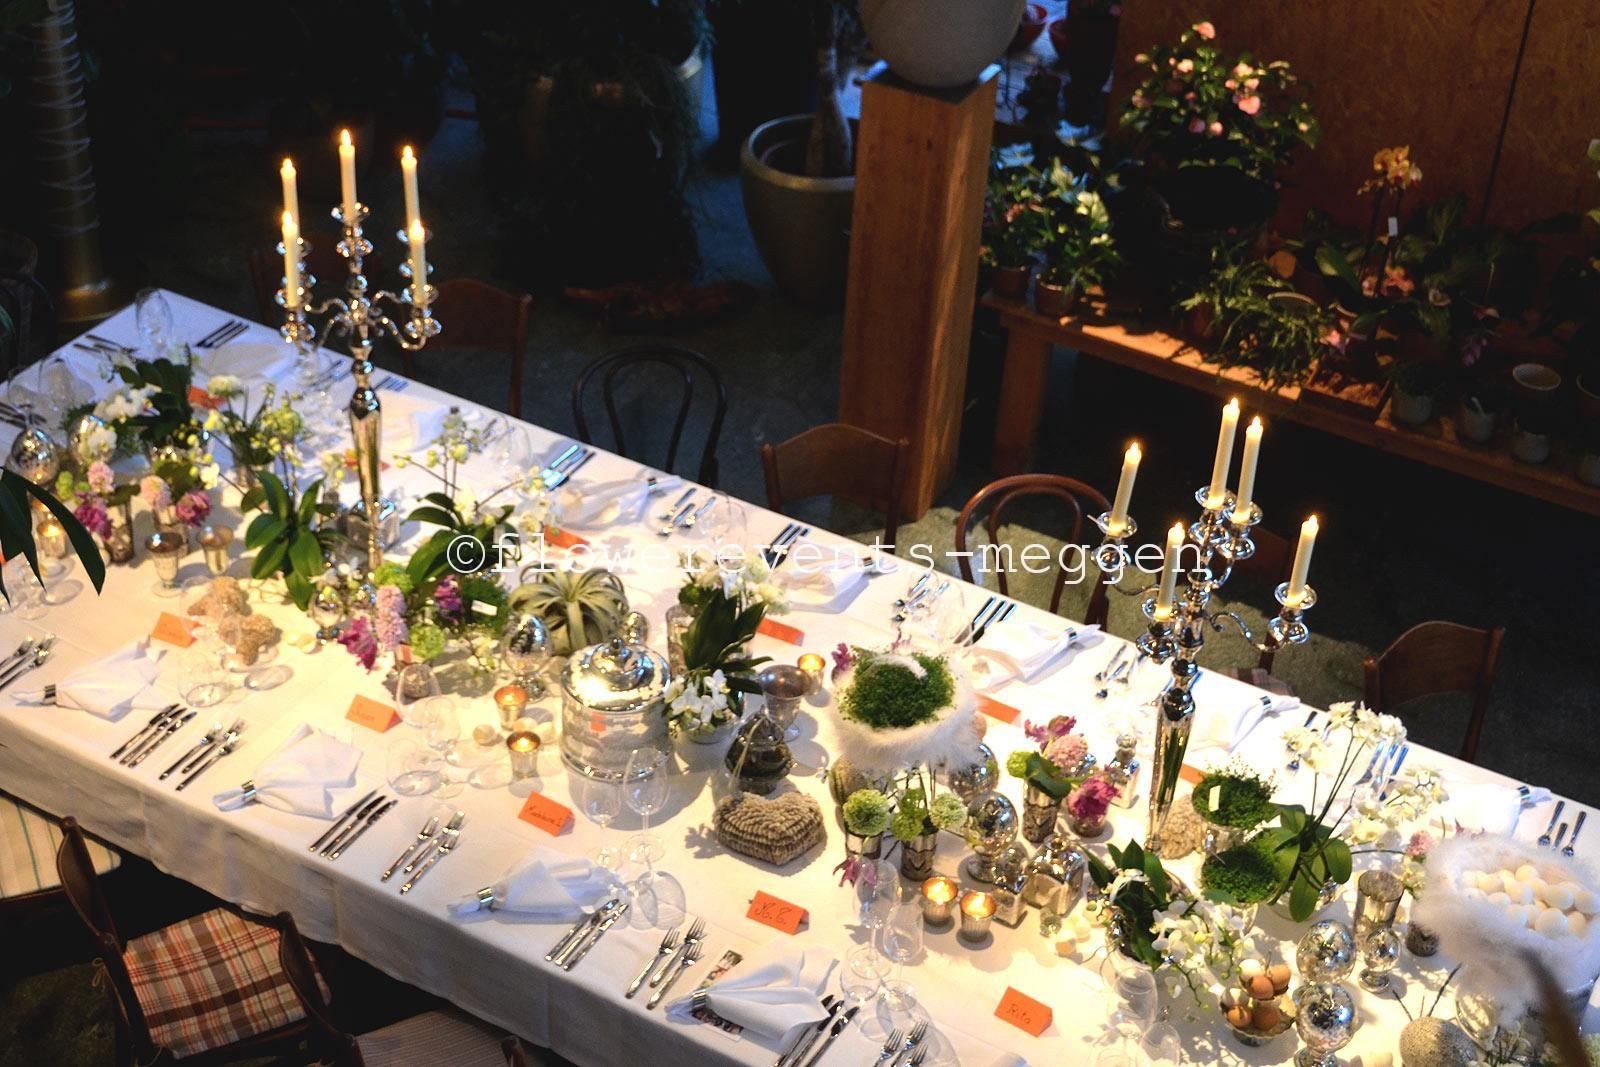 Private Events Tisch Blumen Festlichen Anlass Festtafel